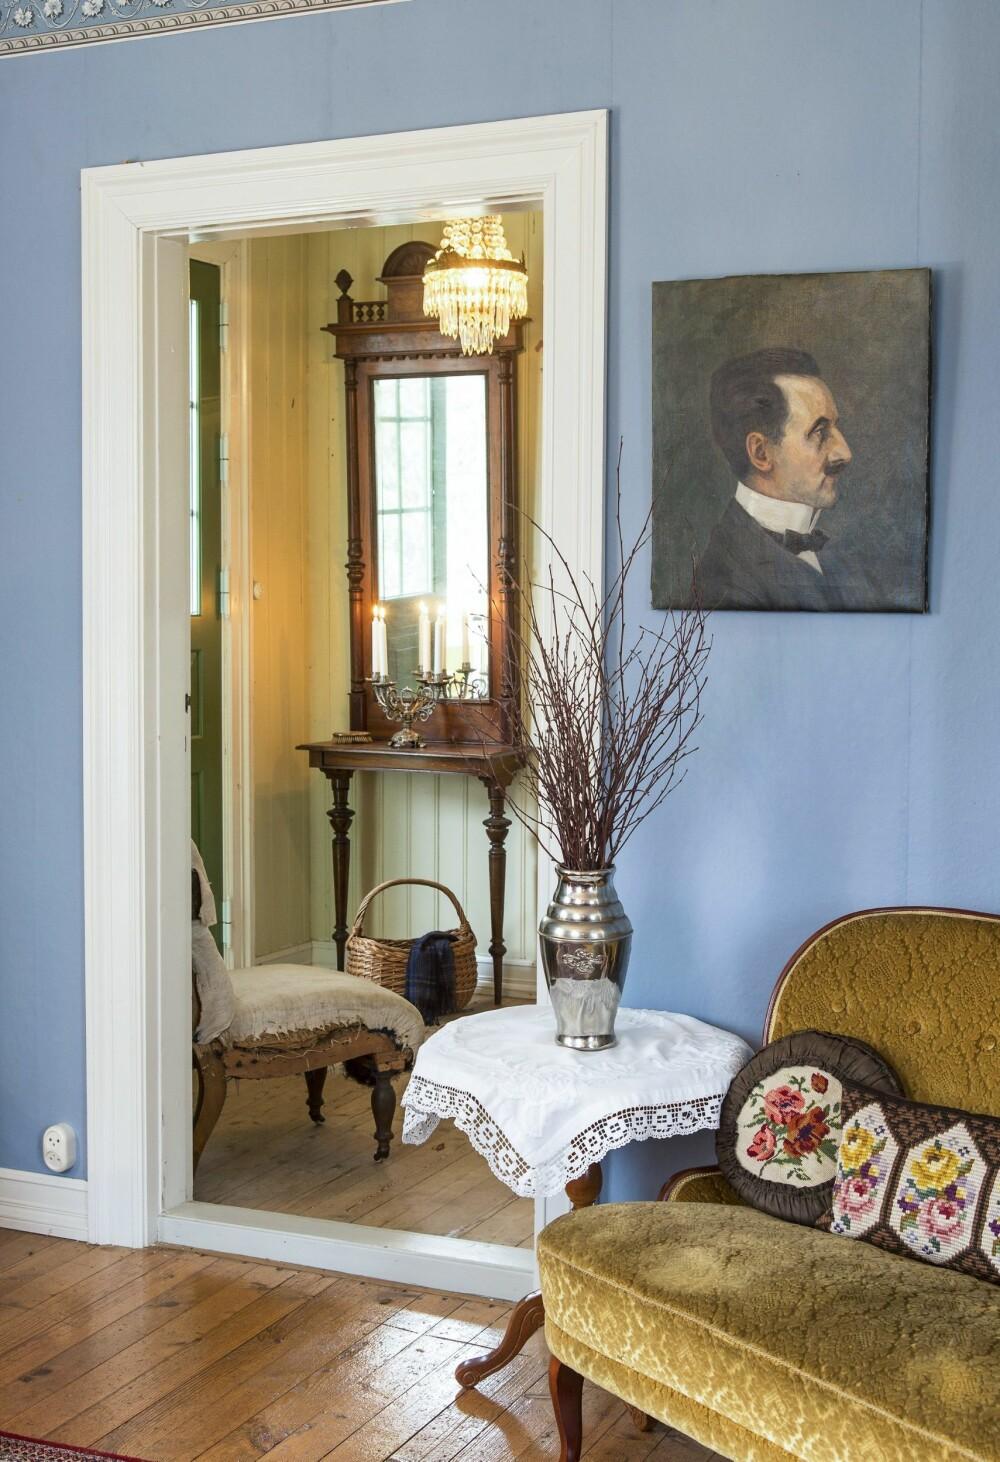 STASELIG: Lars Johan aner ikke hvem den staselige mannen på portrettmaleriertet er, men han kunne ikke motstå bildet da han kom over det på auksjon for noen år siden. Konsollspeilet fra forrige århundreskifte kjøpte huseieren som 17-åring.  FOTO: Helge Eek